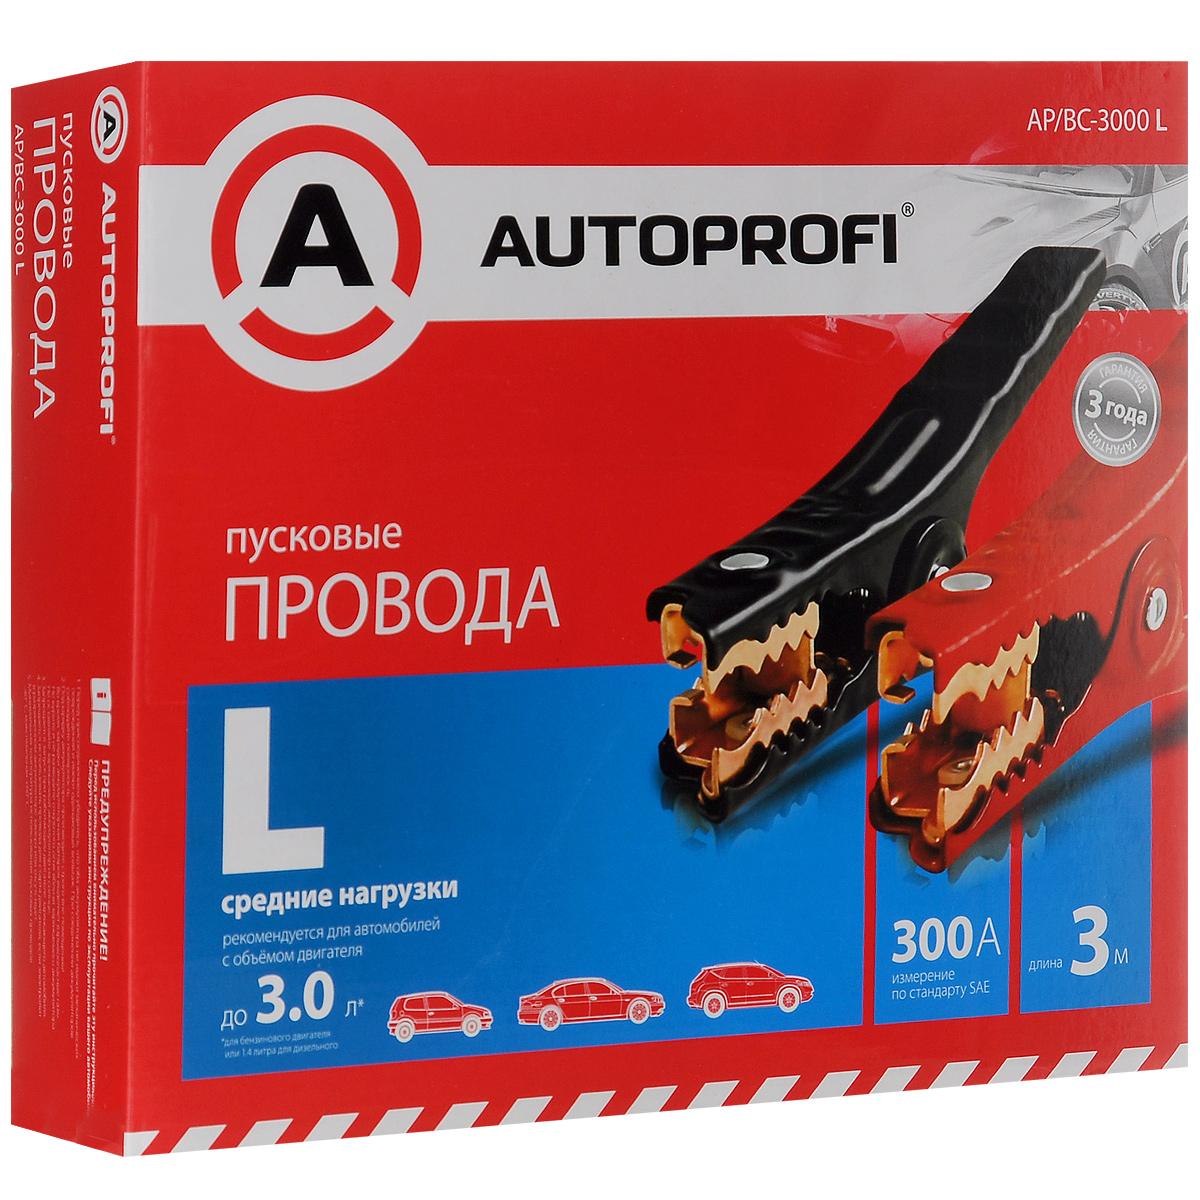 Провода пусковые Autoprofi L, средние нагрузки, 13,3 мм2, 300 A, 3 мS03301004Пусковые провода Autoprofi L сделаны по американскому стандарту SAE J1494. Это значит, что падение напряжение ни при каких условиях не превышает 2,5 В. Ручки пусковых проводов не нагреваютсядо уровня, способного навредить человеку. Технологически это достигается использованием проводов из толстой алюминиевой жилы с медным напылением, а также надежной термопластовой изоляцией.Данные провода рекомендованы для автомобилей с бензиновым двигателем, объемом до 3 л или с дизельным двигателем, объемом до 1,4 л.Сумка для переноски и хранения в комплекте.Ток нагрузки: 300 А.Длина провода: 3 м.Сечение проводника: 13,3 мм2.Диапазон рабочих температур: от -40°С до +60°С.